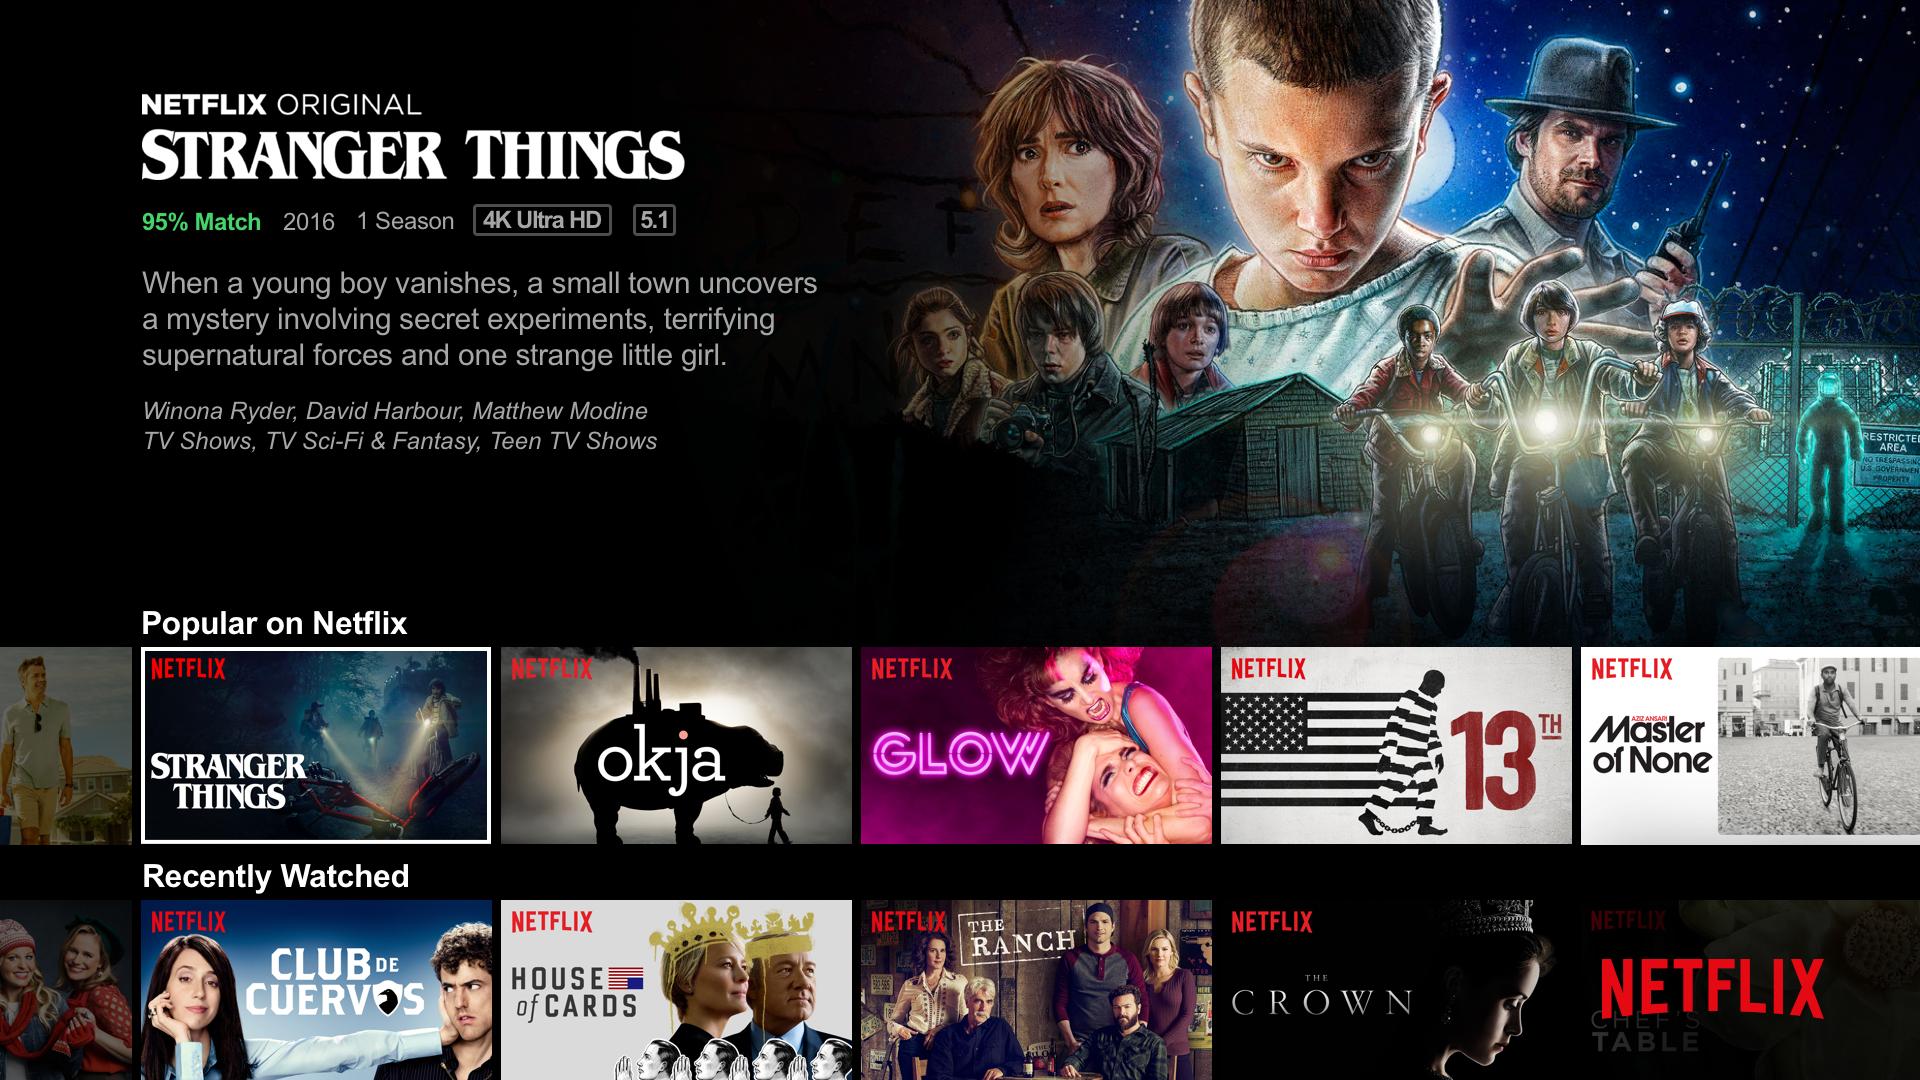 A Netflix browsing screen.